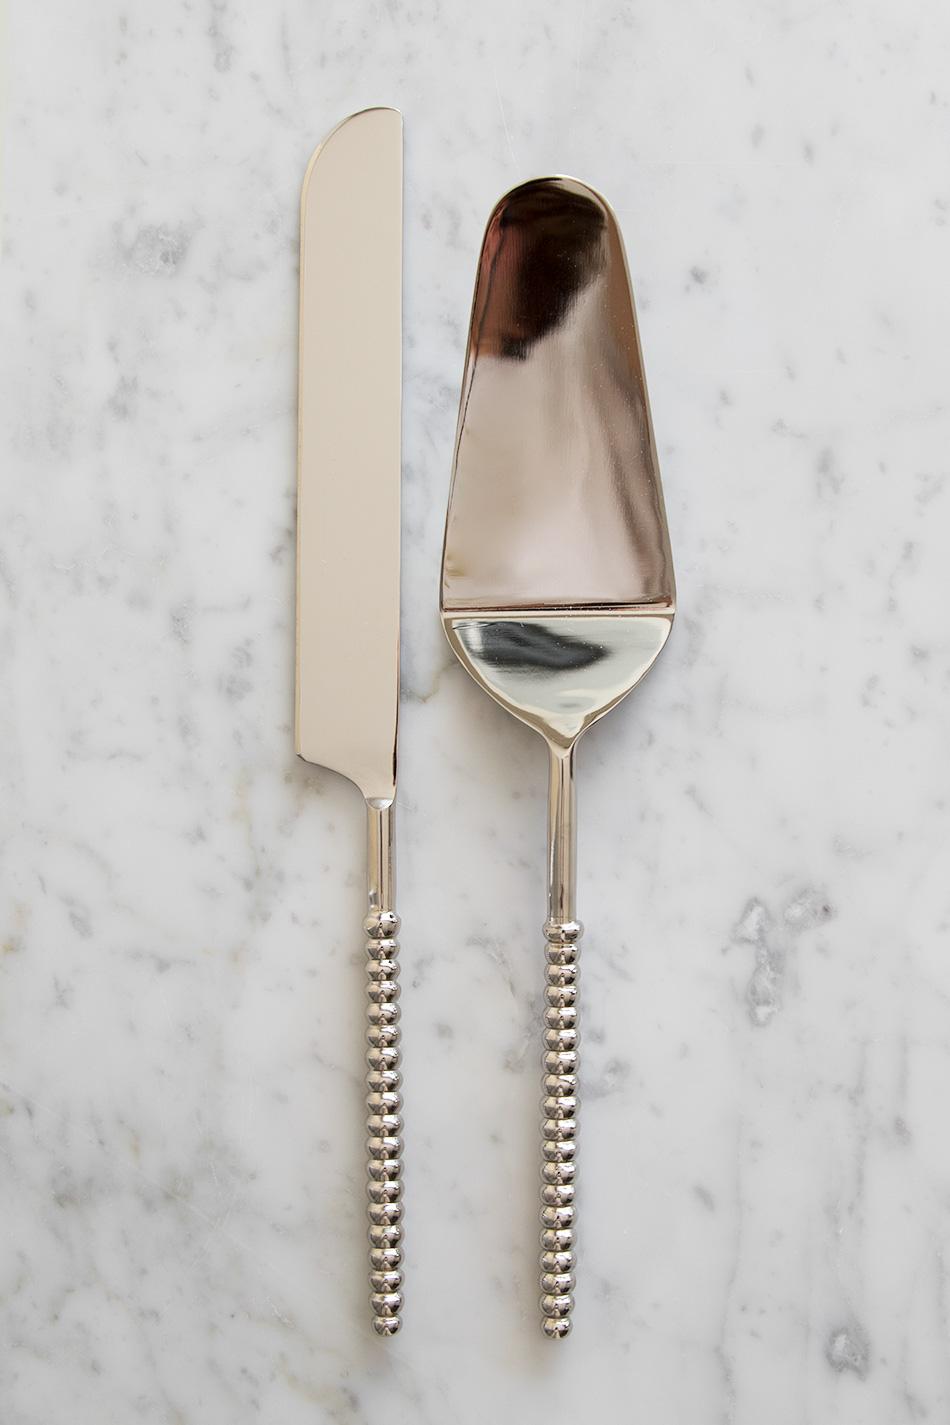 The Stripe Tårtspade & Kniv